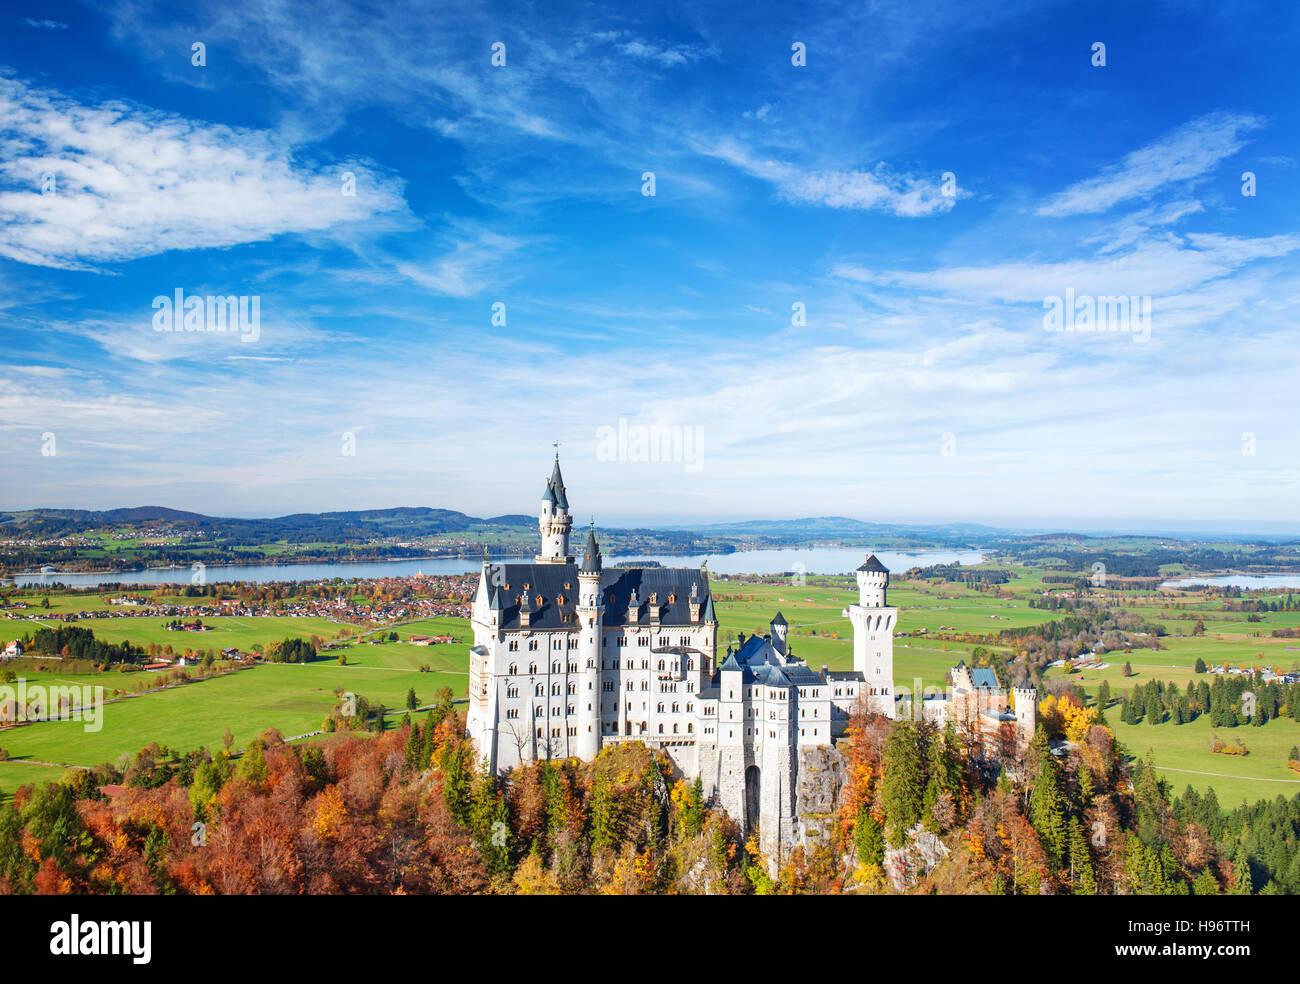 El castillo de Neuschwanstein en otoño. Hito de Alemania y Baviera. Hermoso paisaje alemán Imagen De Stock